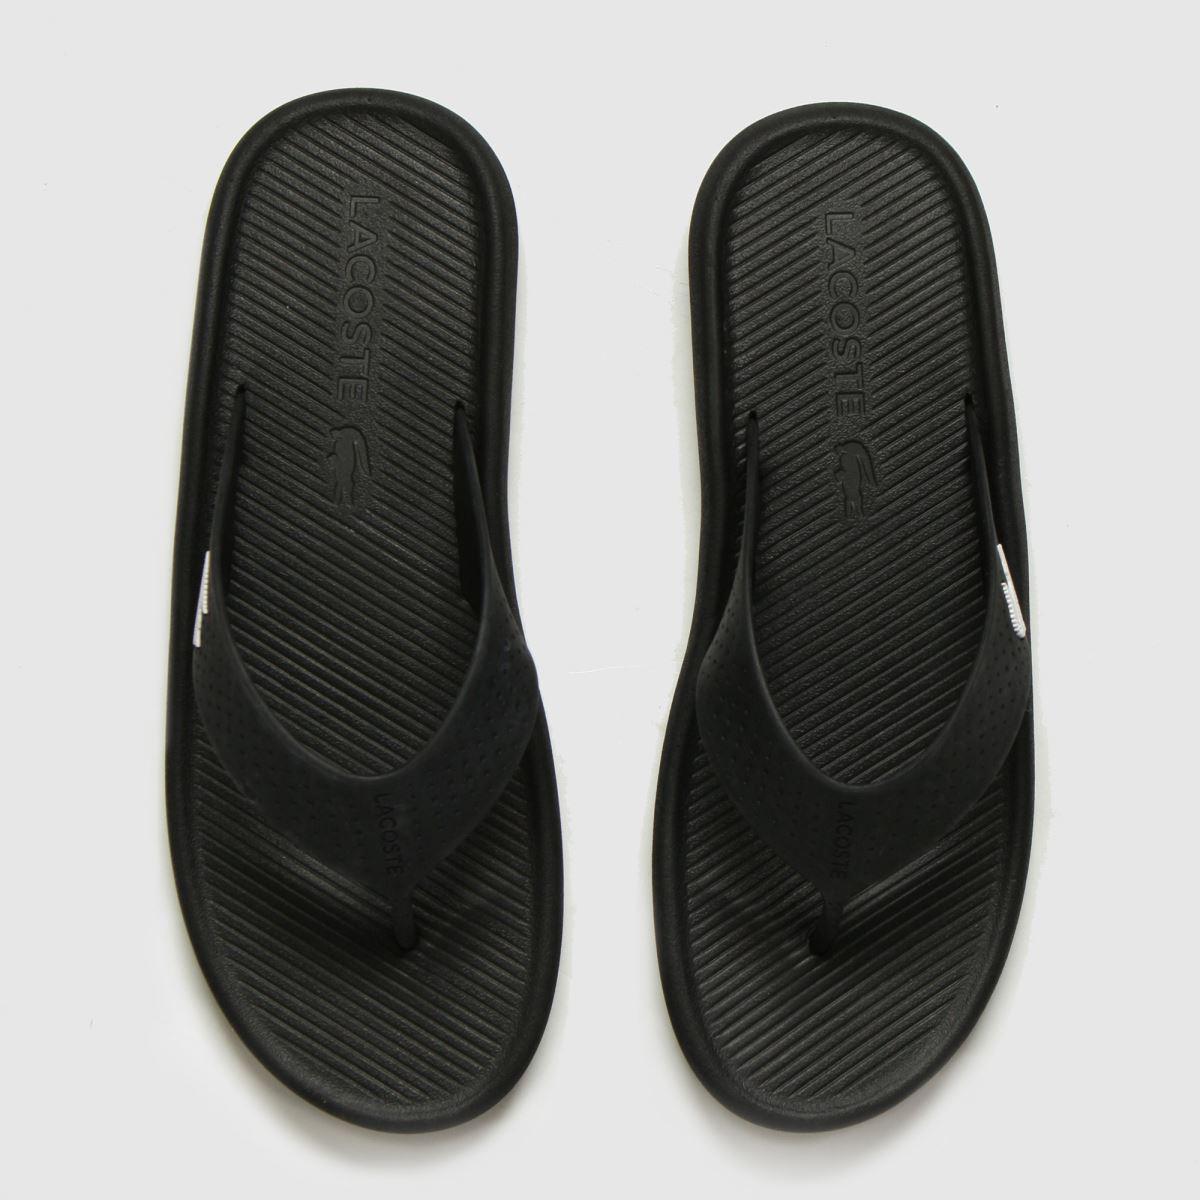 Lacoste Black Croc Sandals